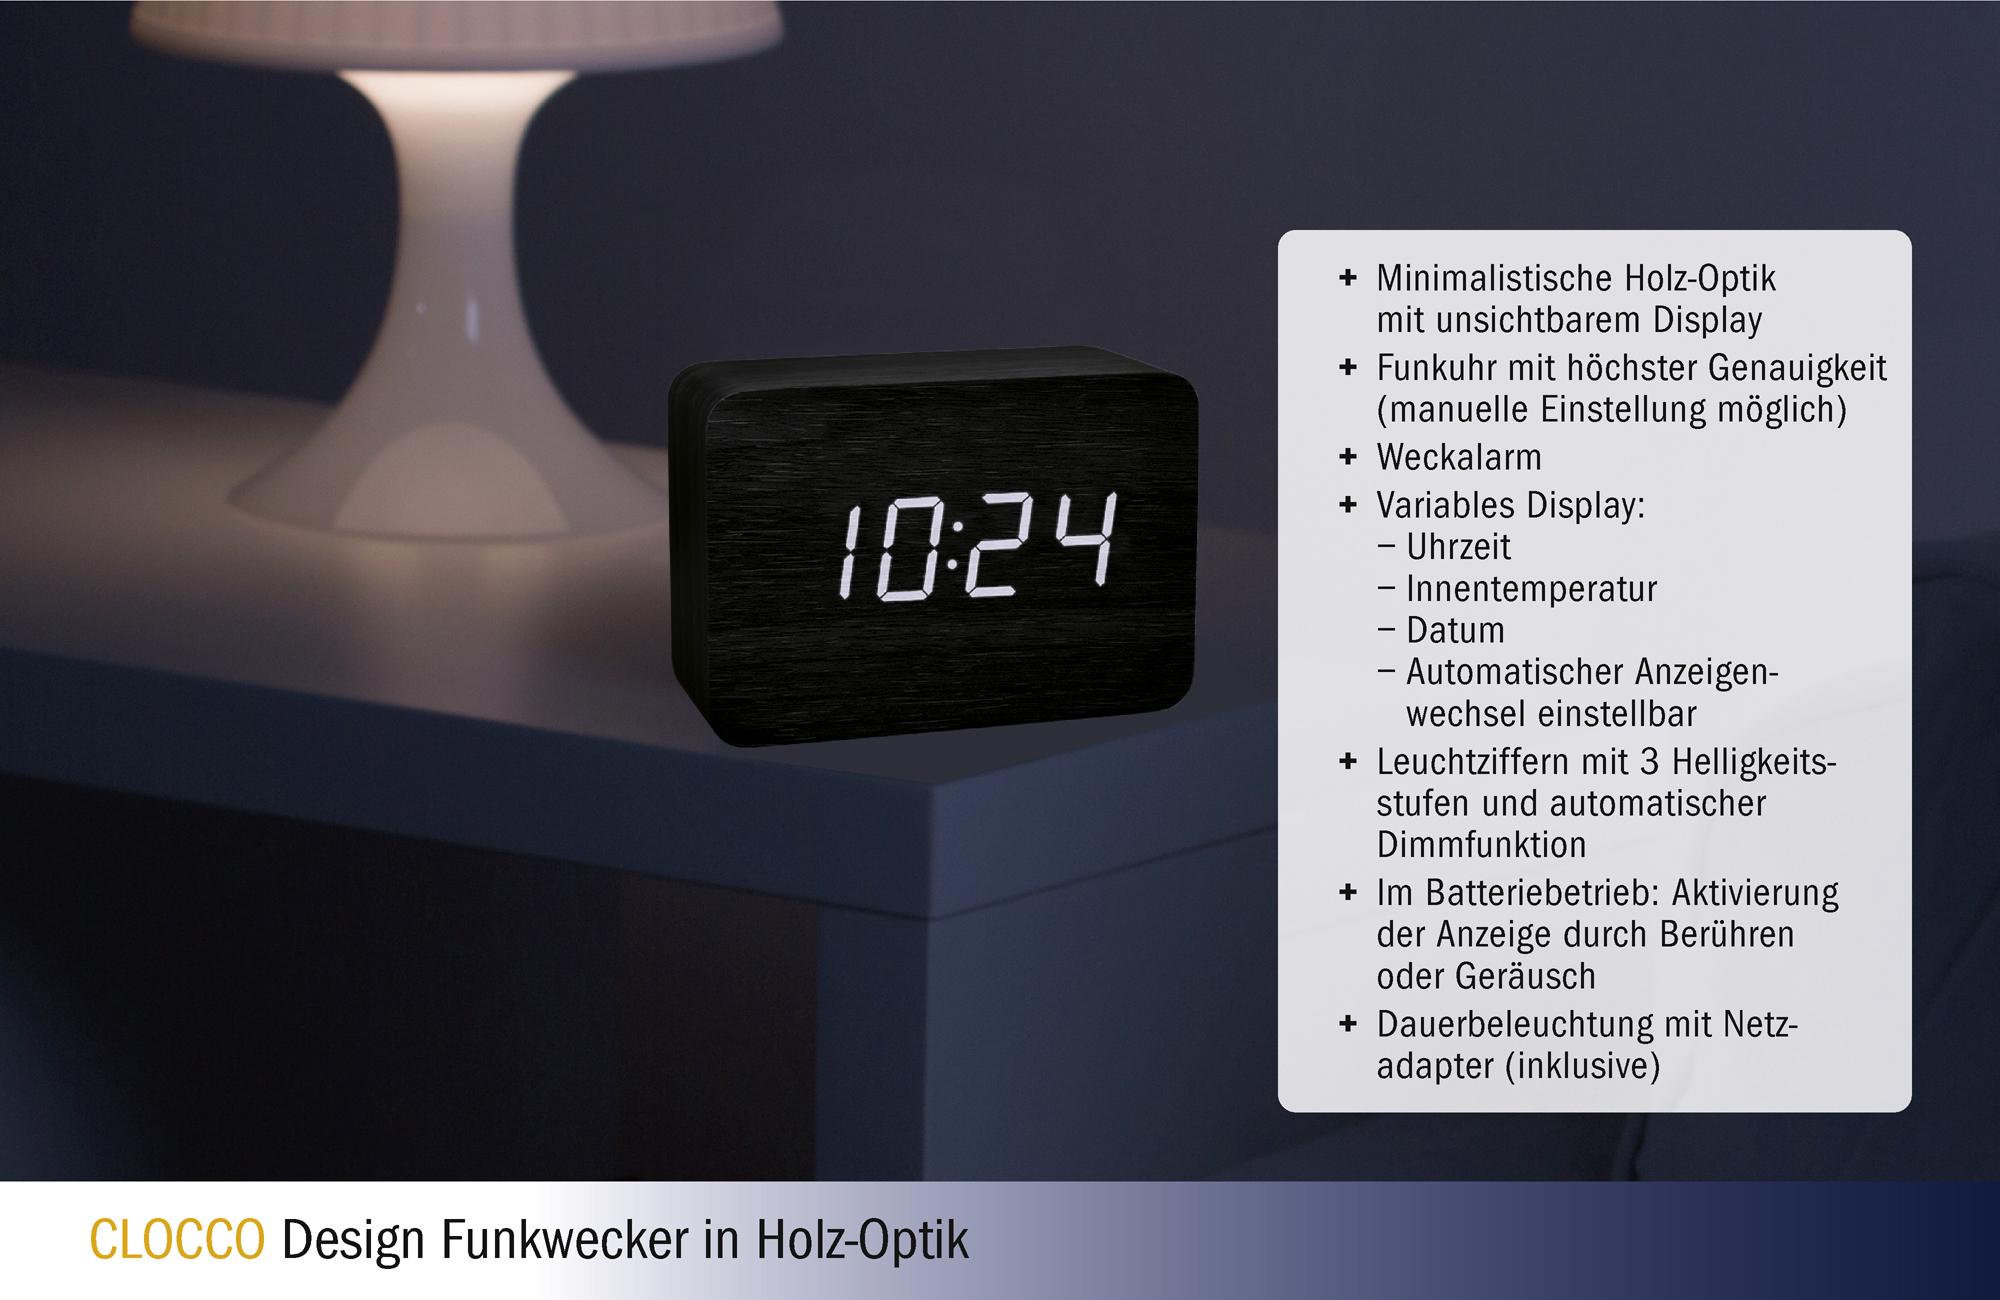 Clocco_Funk-Wecker_Holz Optik_60254901_Vorteile.jpg